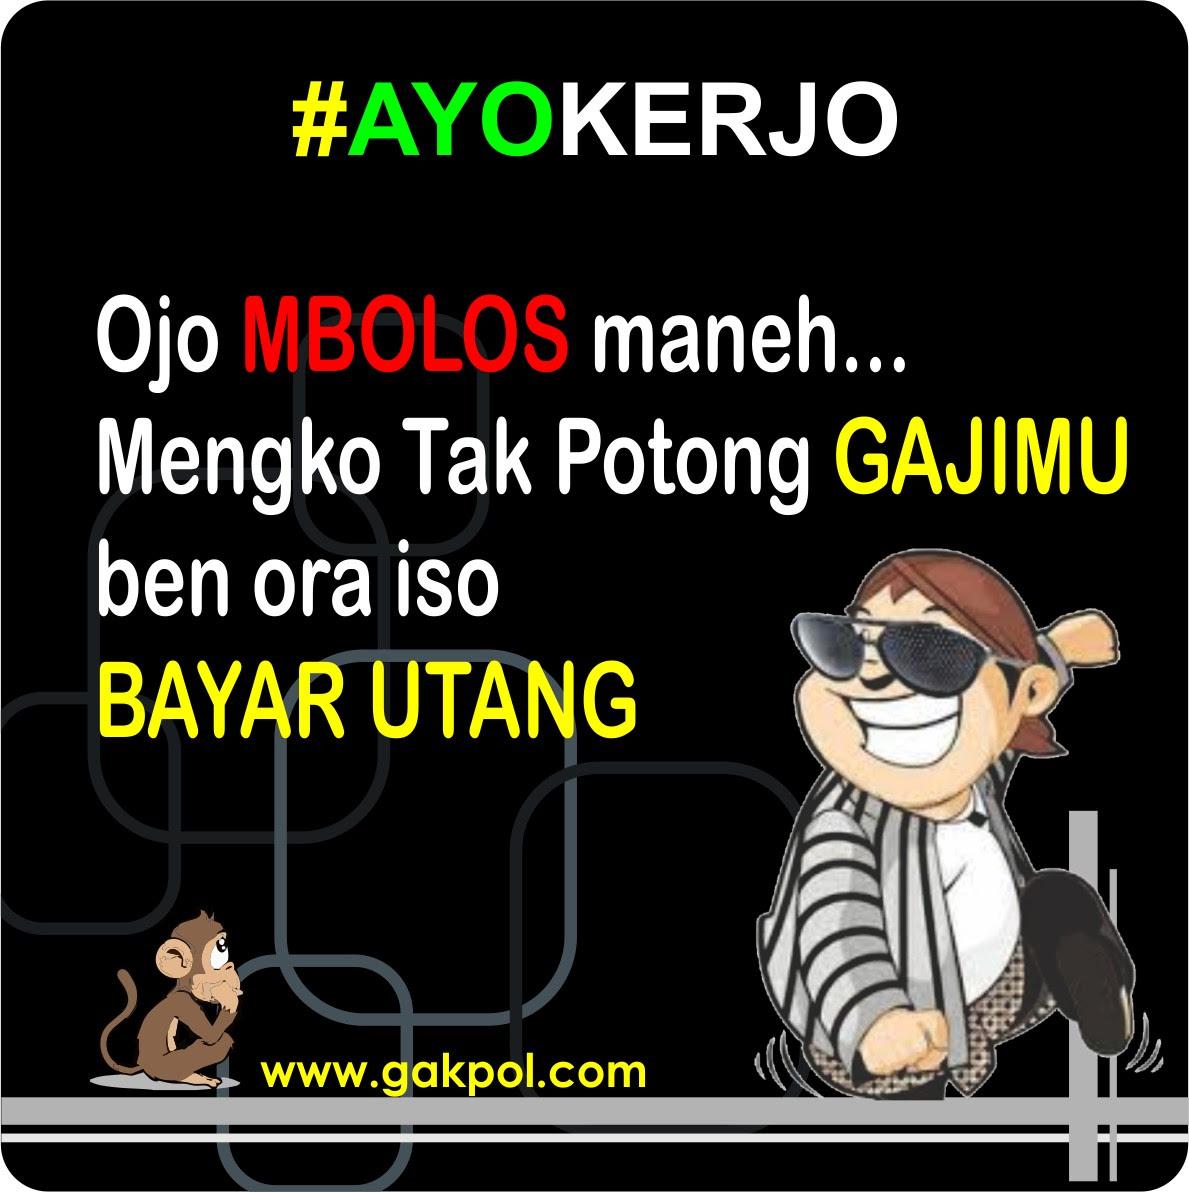 Download 82 Gambar Dp Bbm Bahasa Jawa Lucu Bikin Ngakak